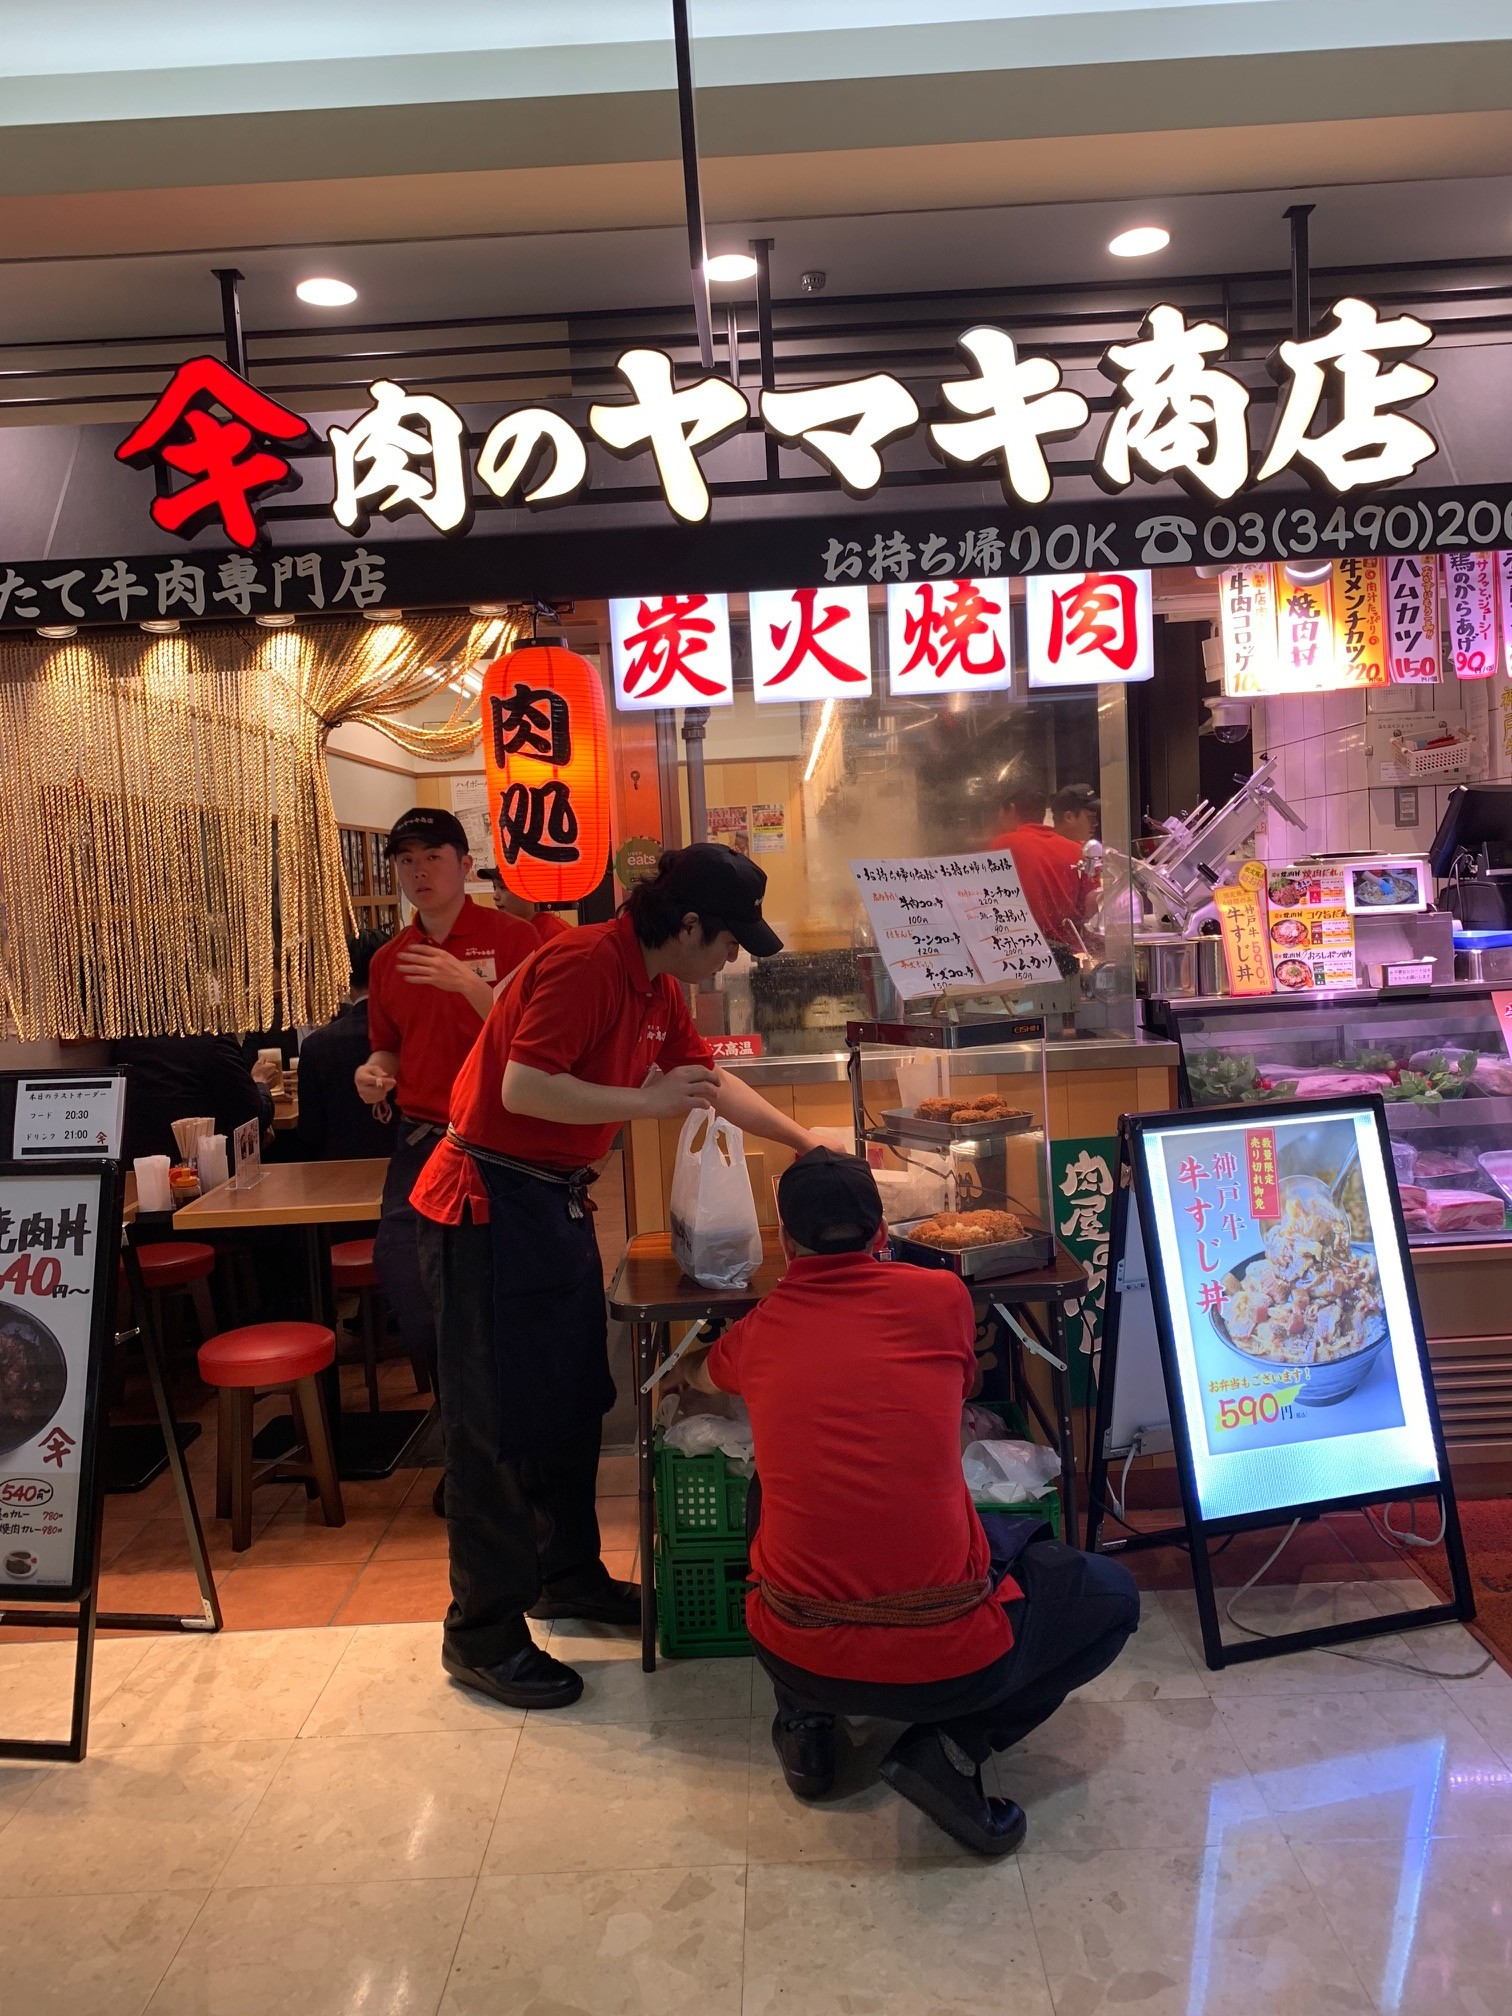 【大崎】肉のヤマキ商店/大崎ニューシティ2号館2階の活気店。サラリーマンなら絶対に好きなはず。